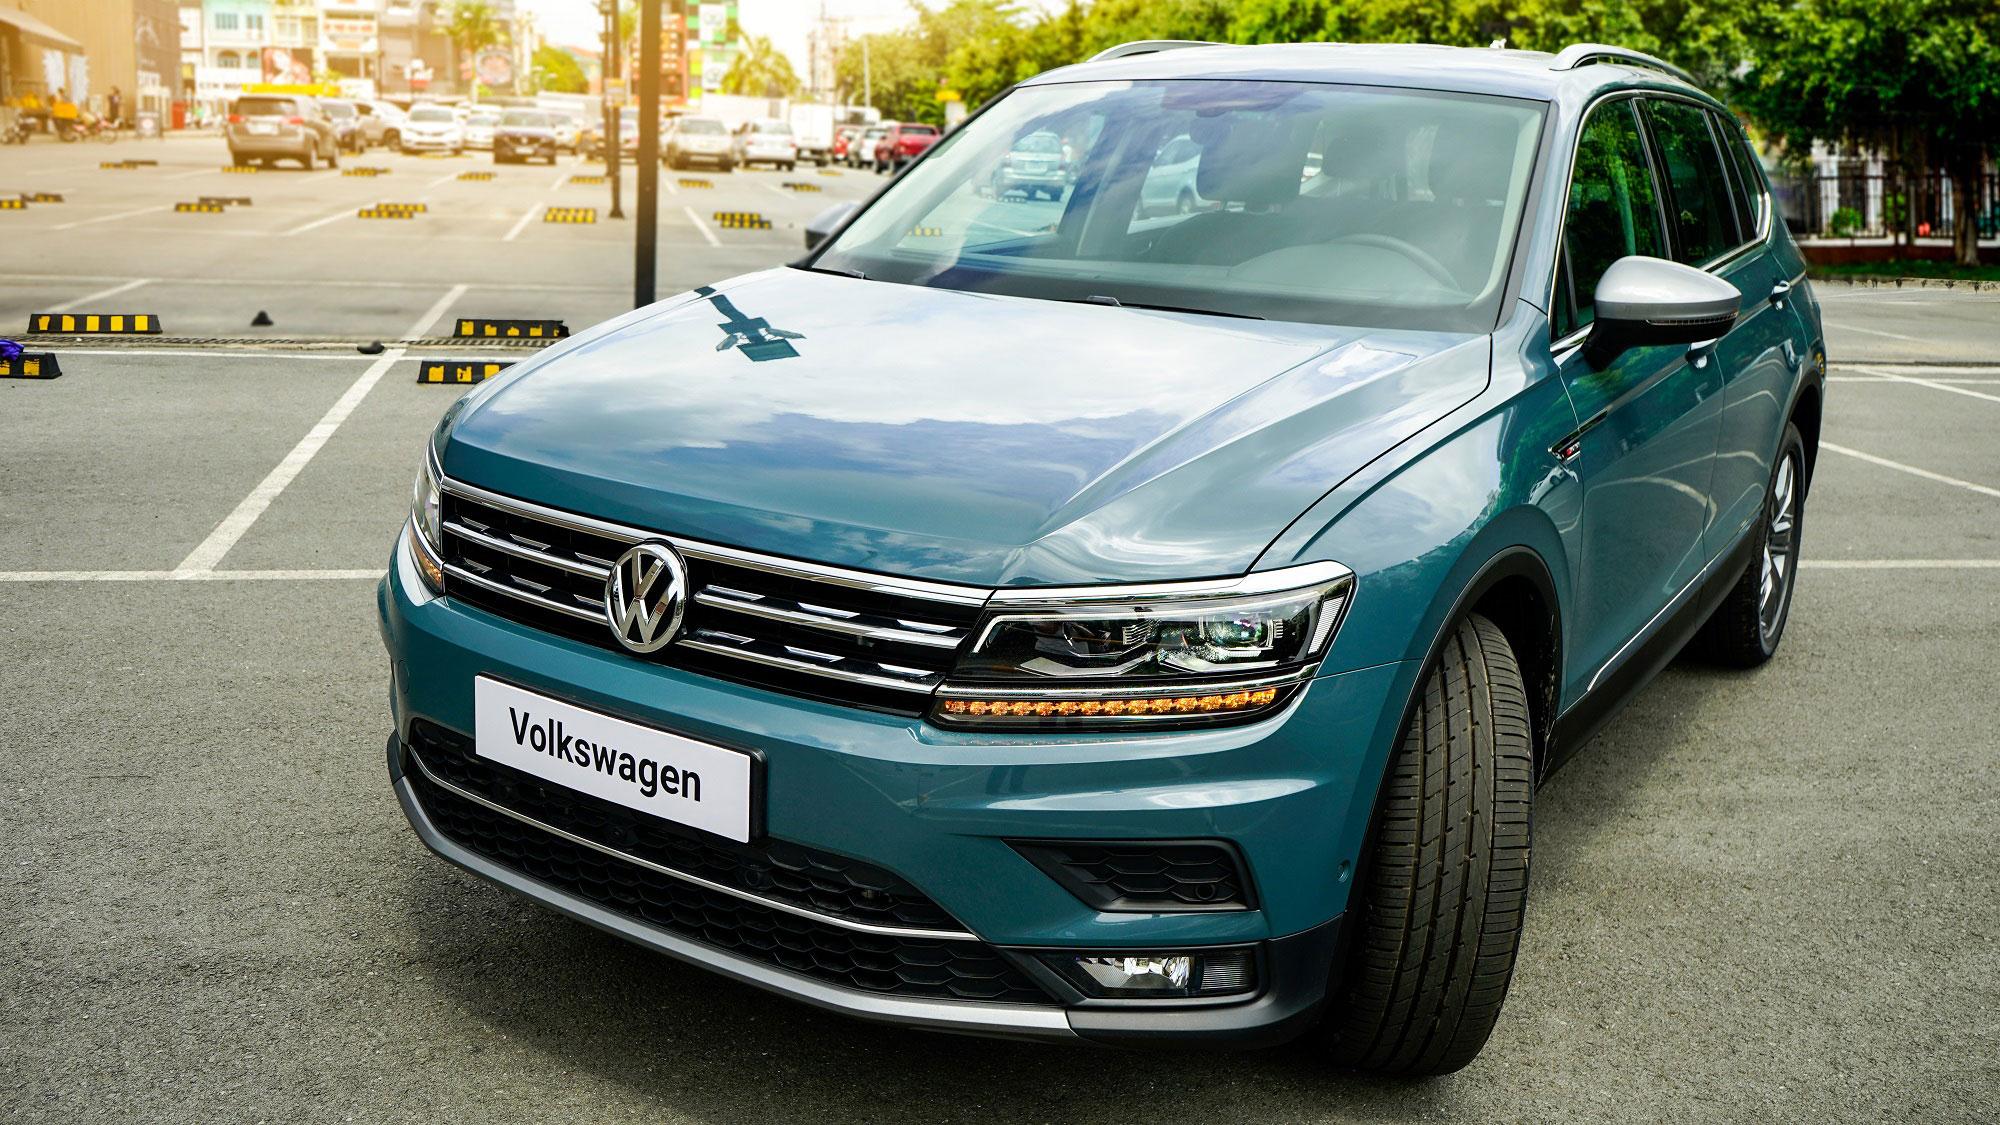 VW Việt Nam tri ân khách hàng dịp cuối năm